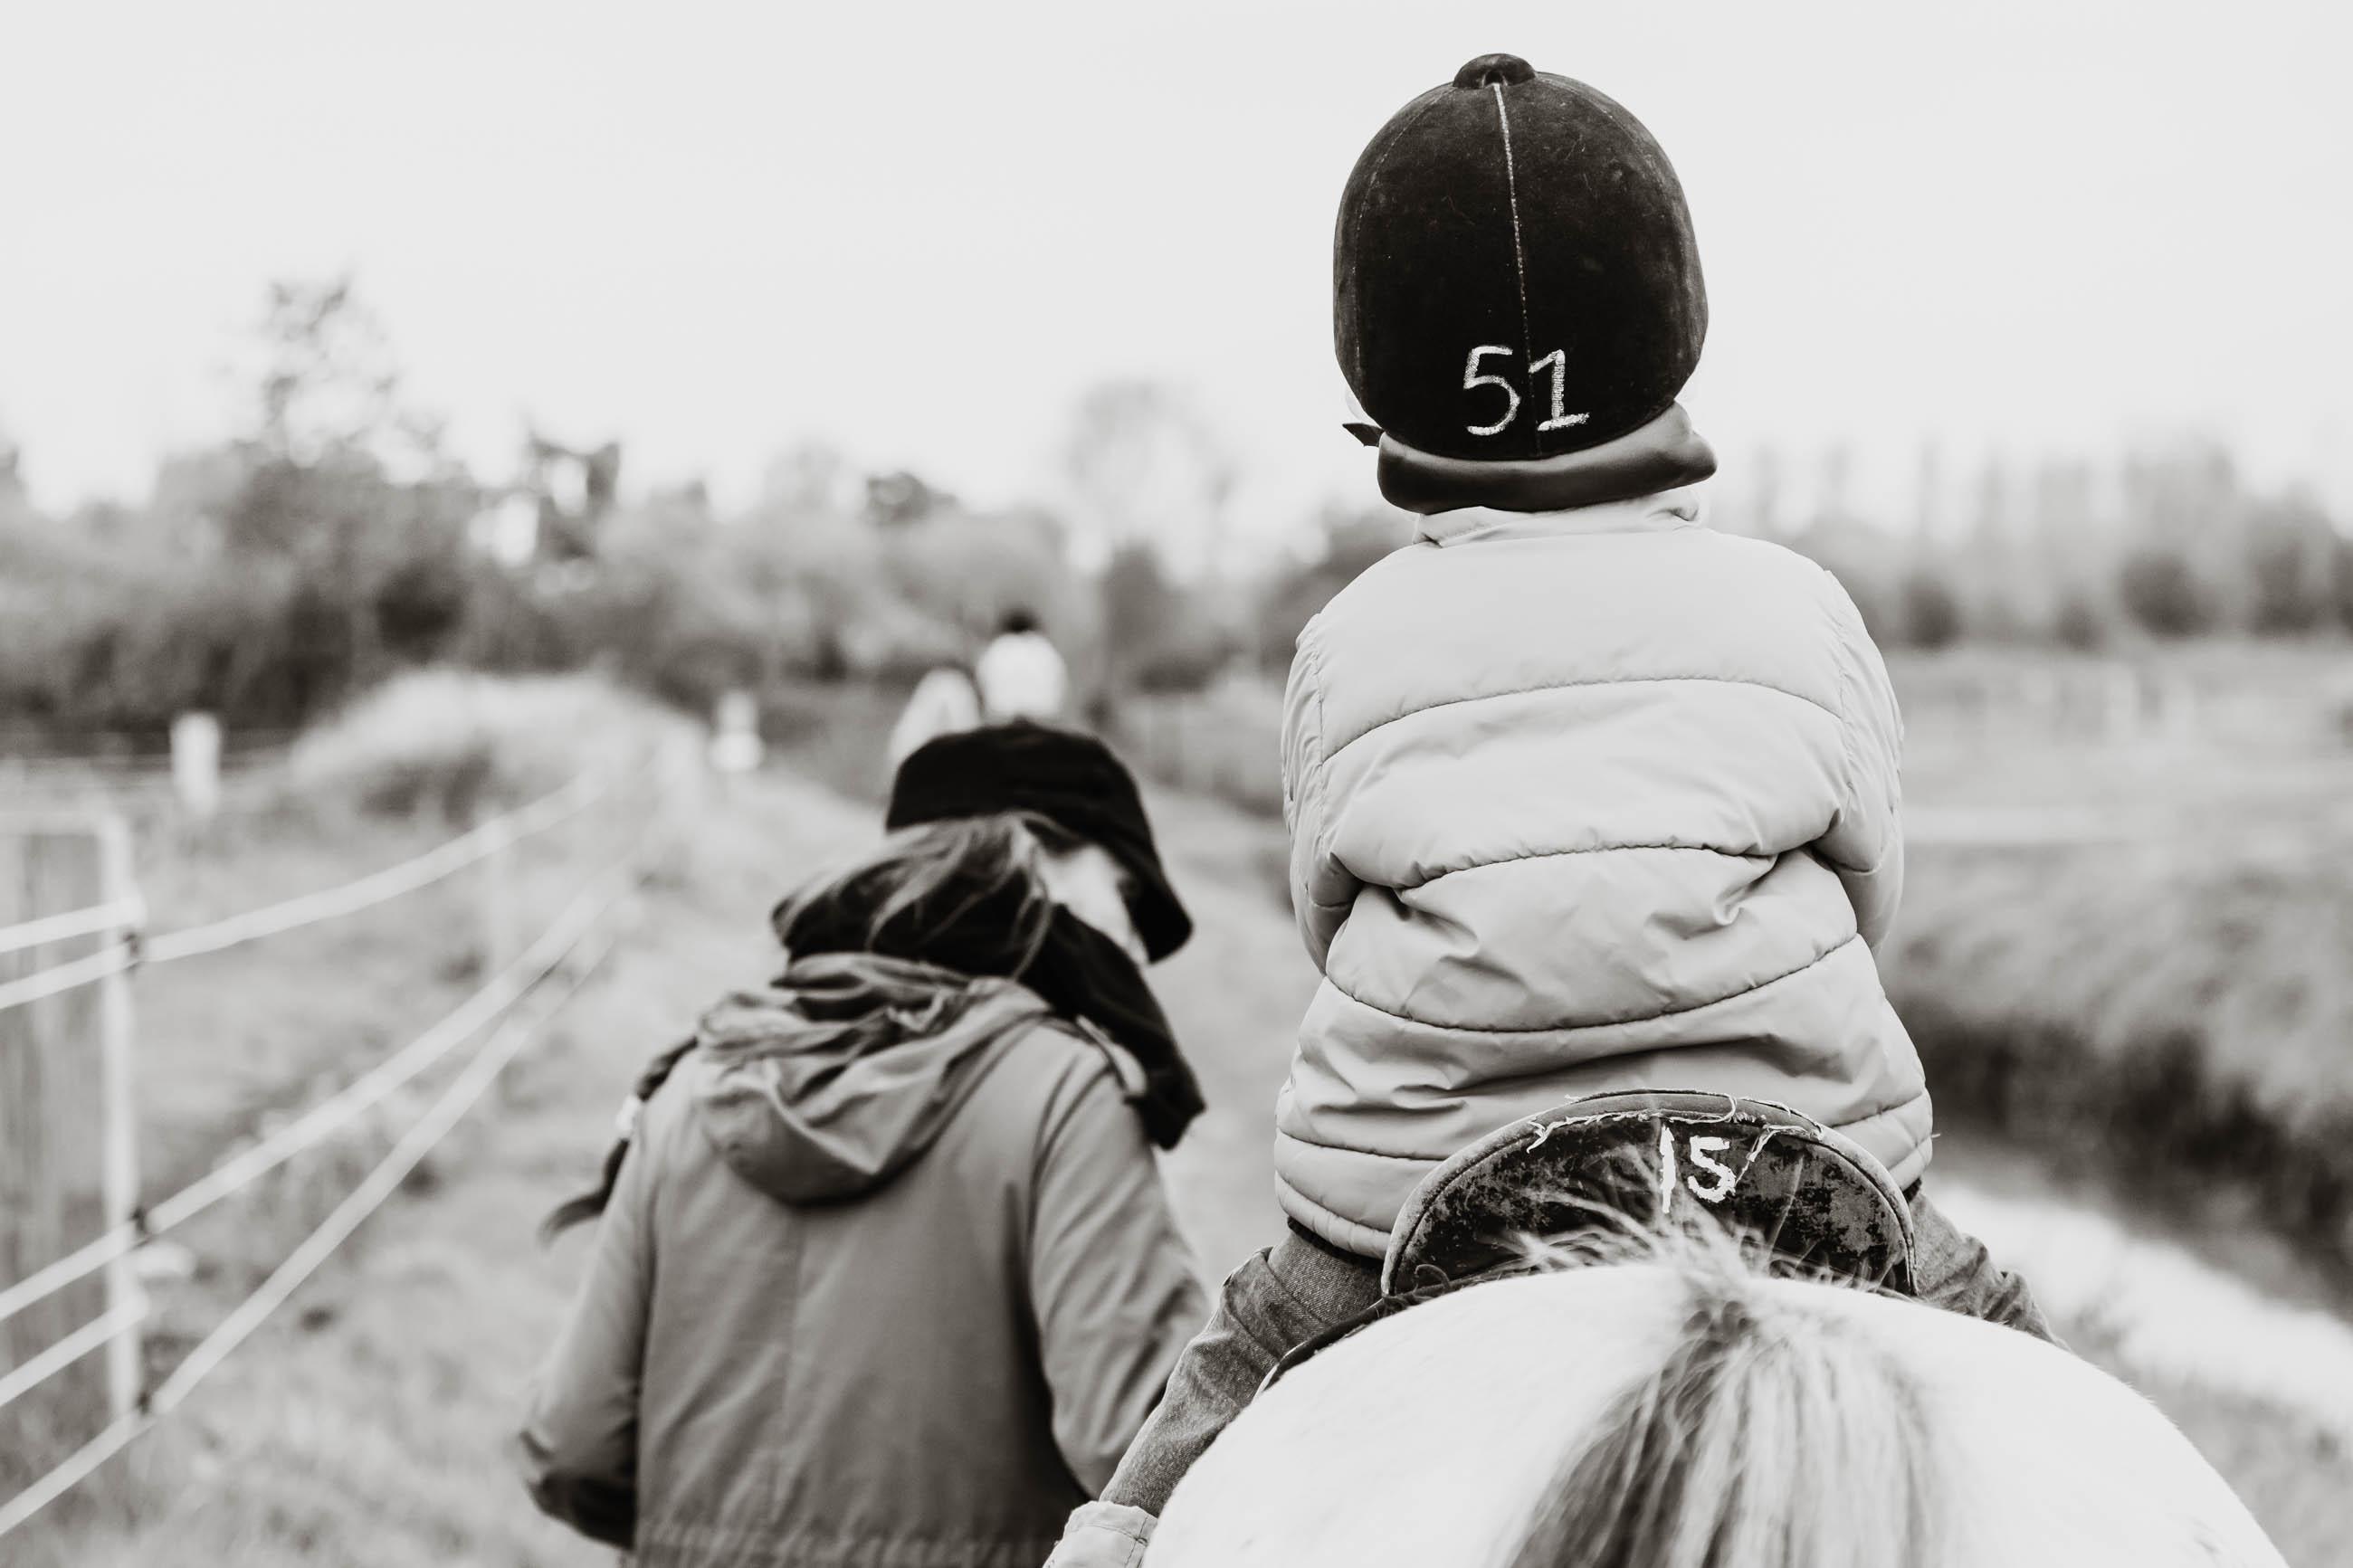 EIN KINDER SITZT AUF EINEM PFERD UND WIRD VON EINER FRAU GEFÜHRT. KINDERHOTEL FAMILOTEL. FOTOGRAFIERT VON FOTOGRAF SVEN VOGEL AUS KÖLN